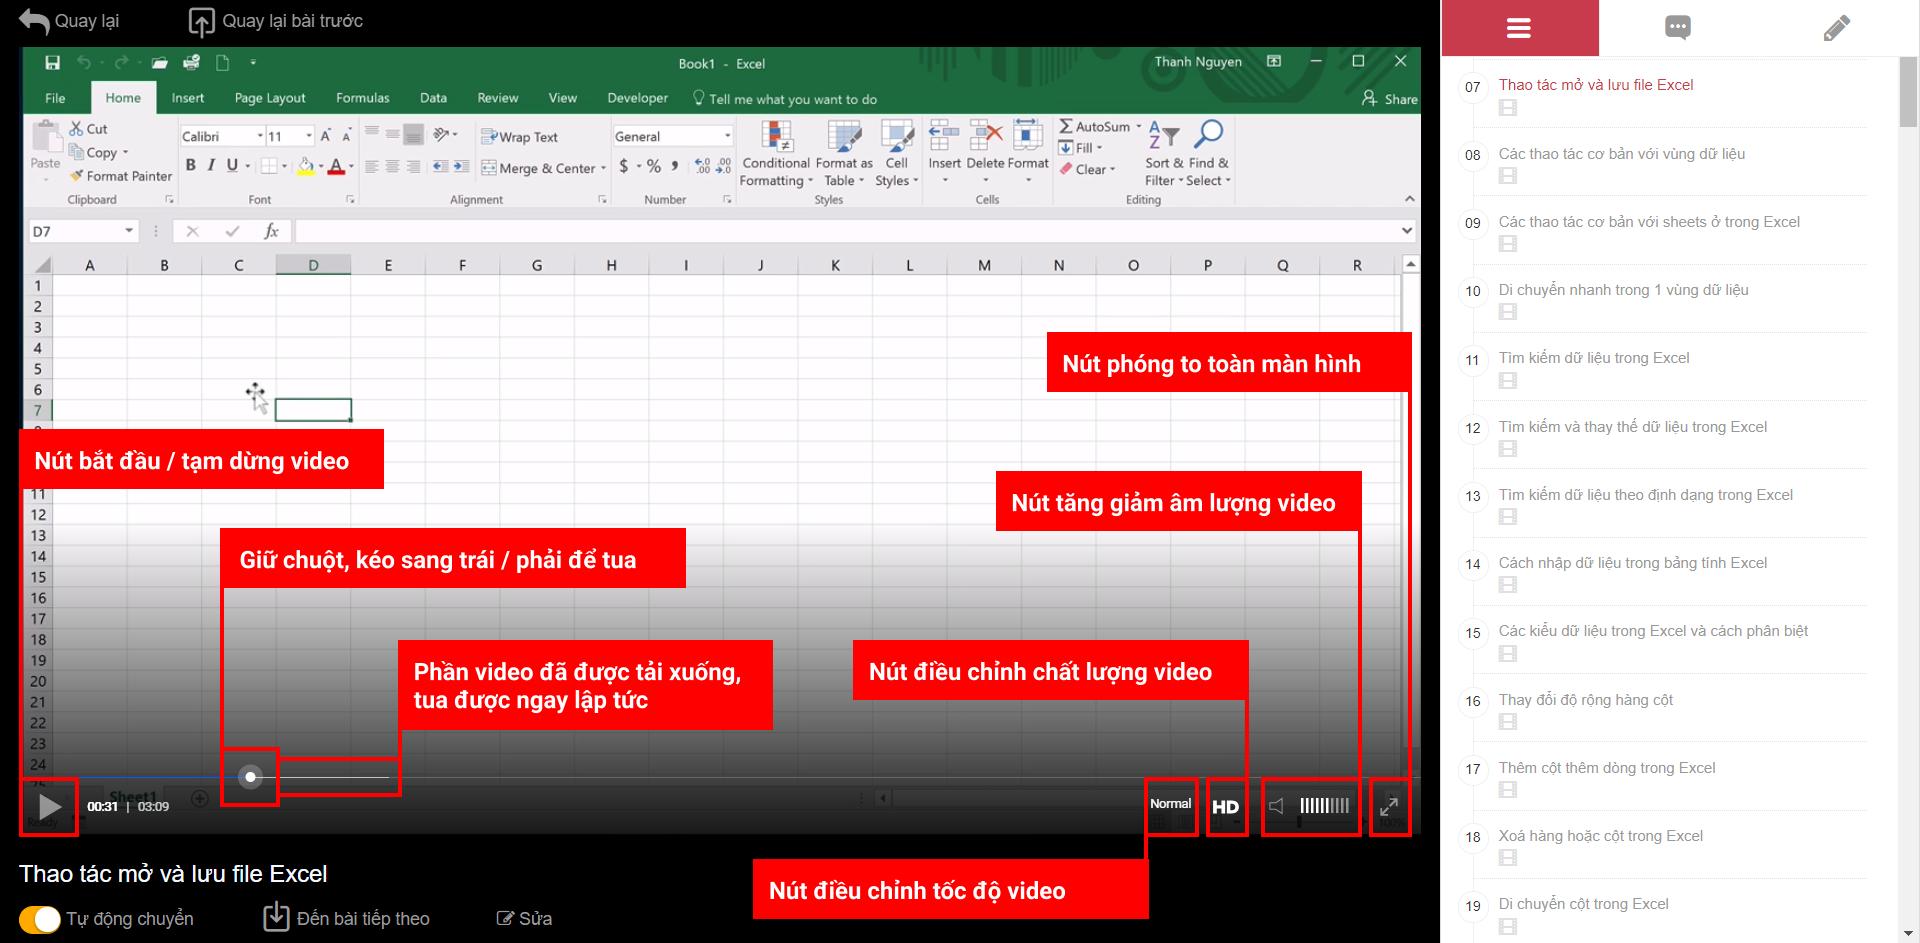 Cách tương tác với trình phát videos trên Học Excel Online